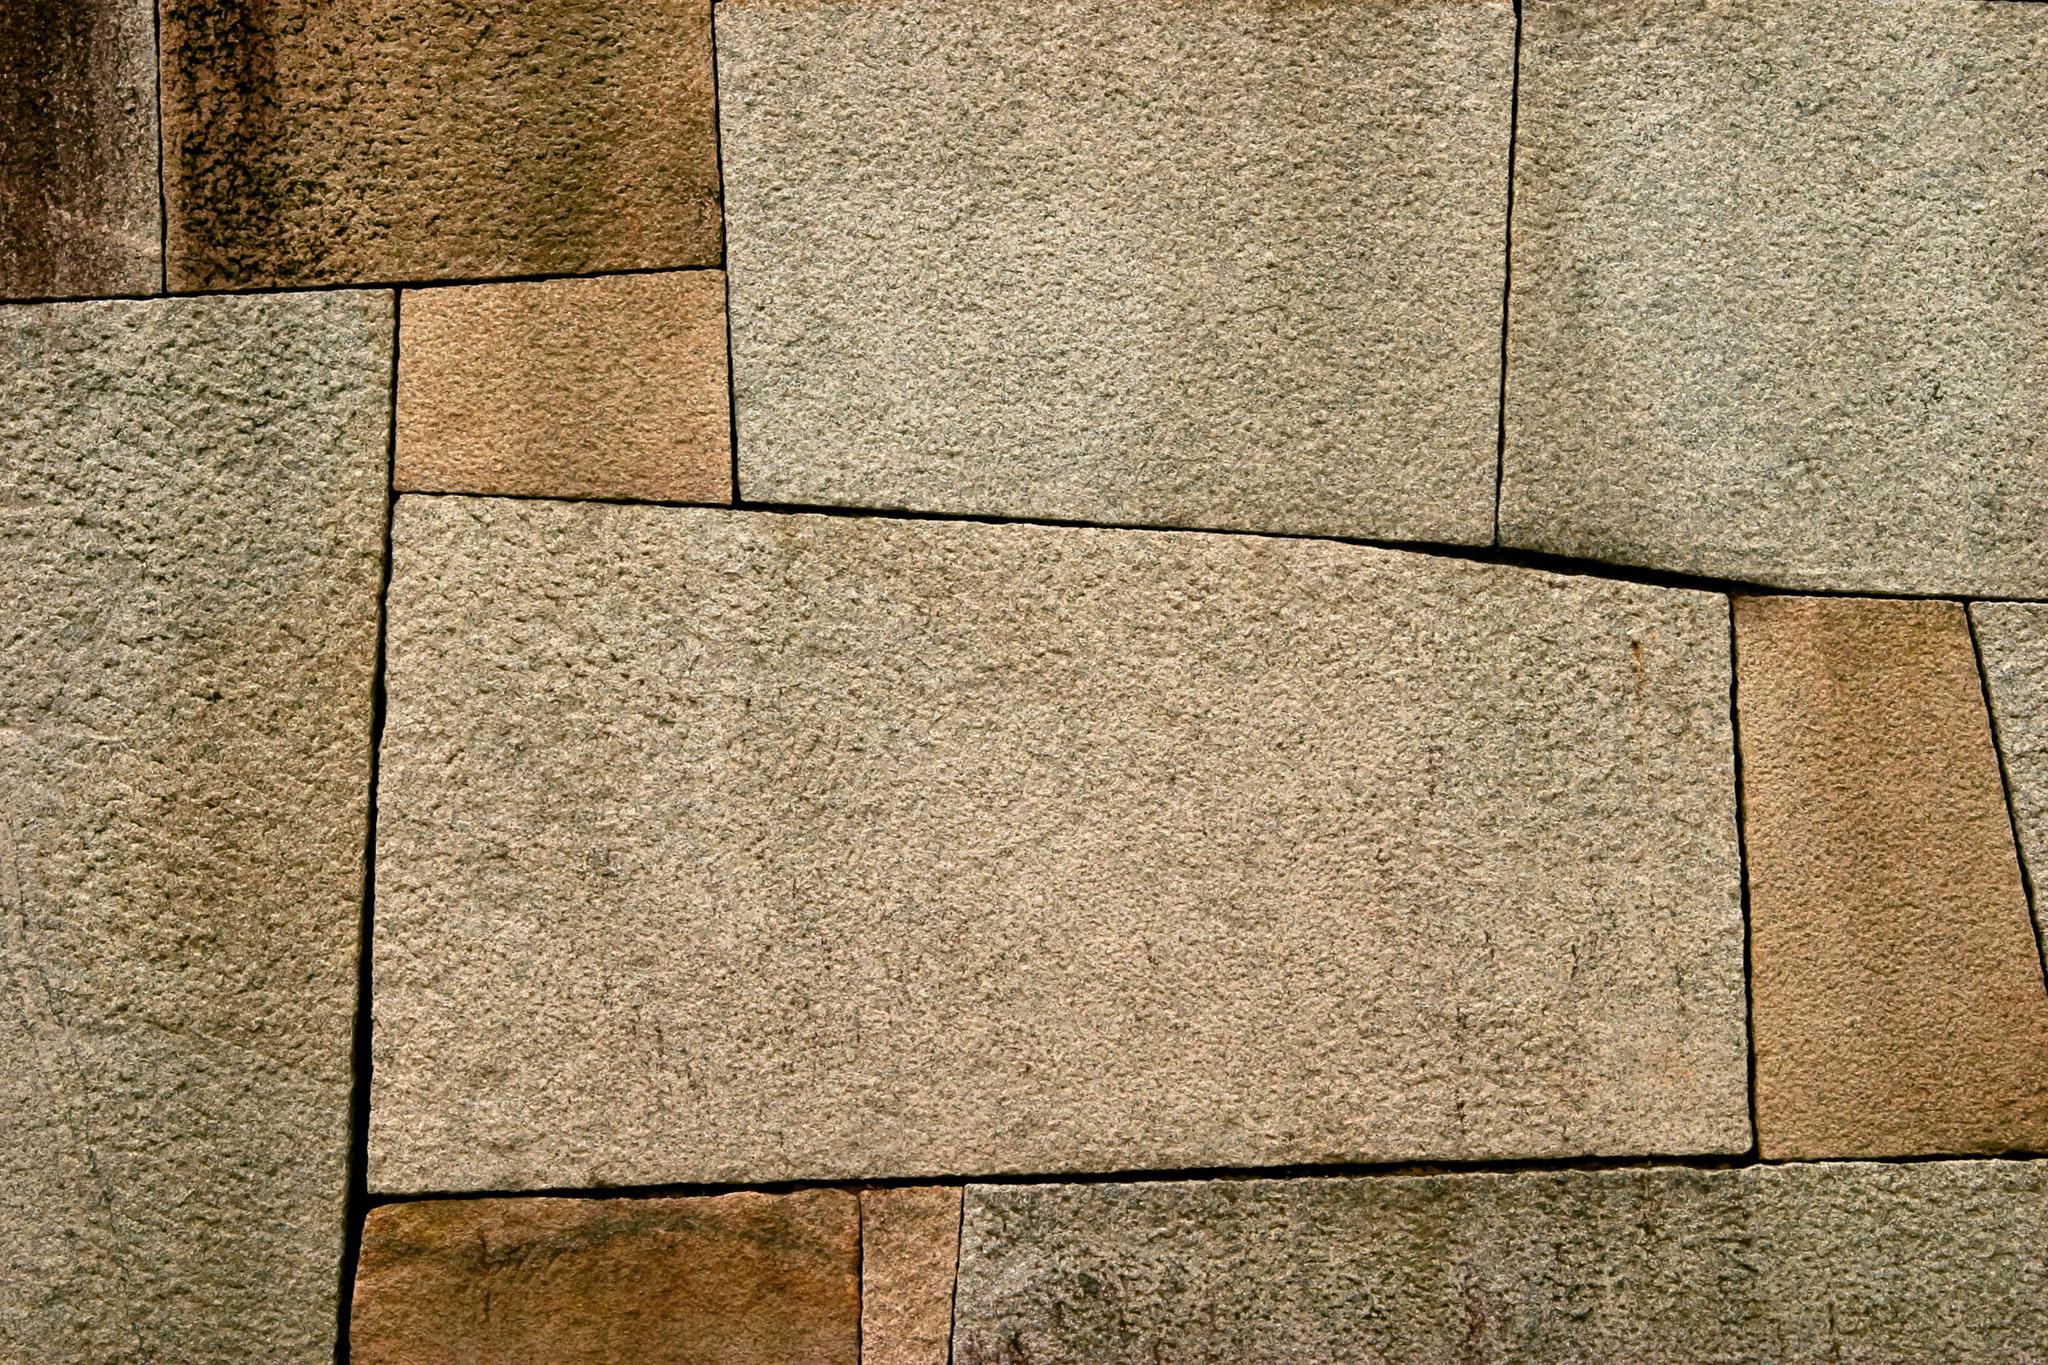 綺麗に加工された石壁